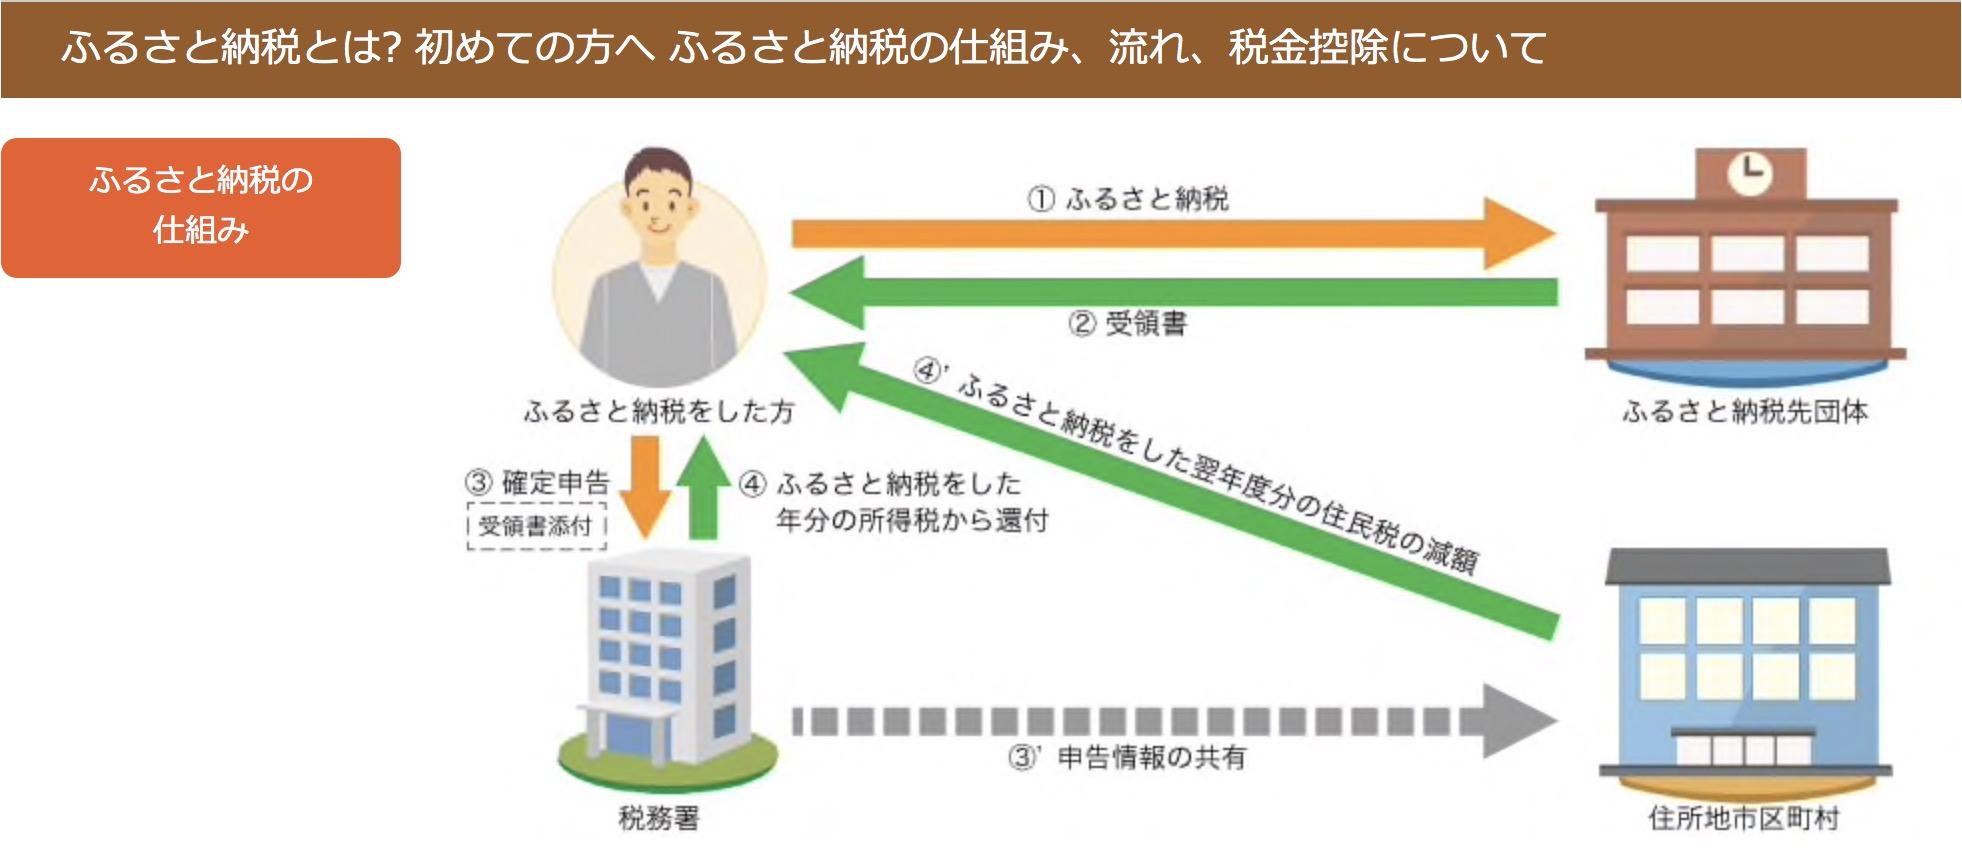 ふるさと納税とは? 初めての方へ ふるさと納税の仕組み、流れ、税金控除について